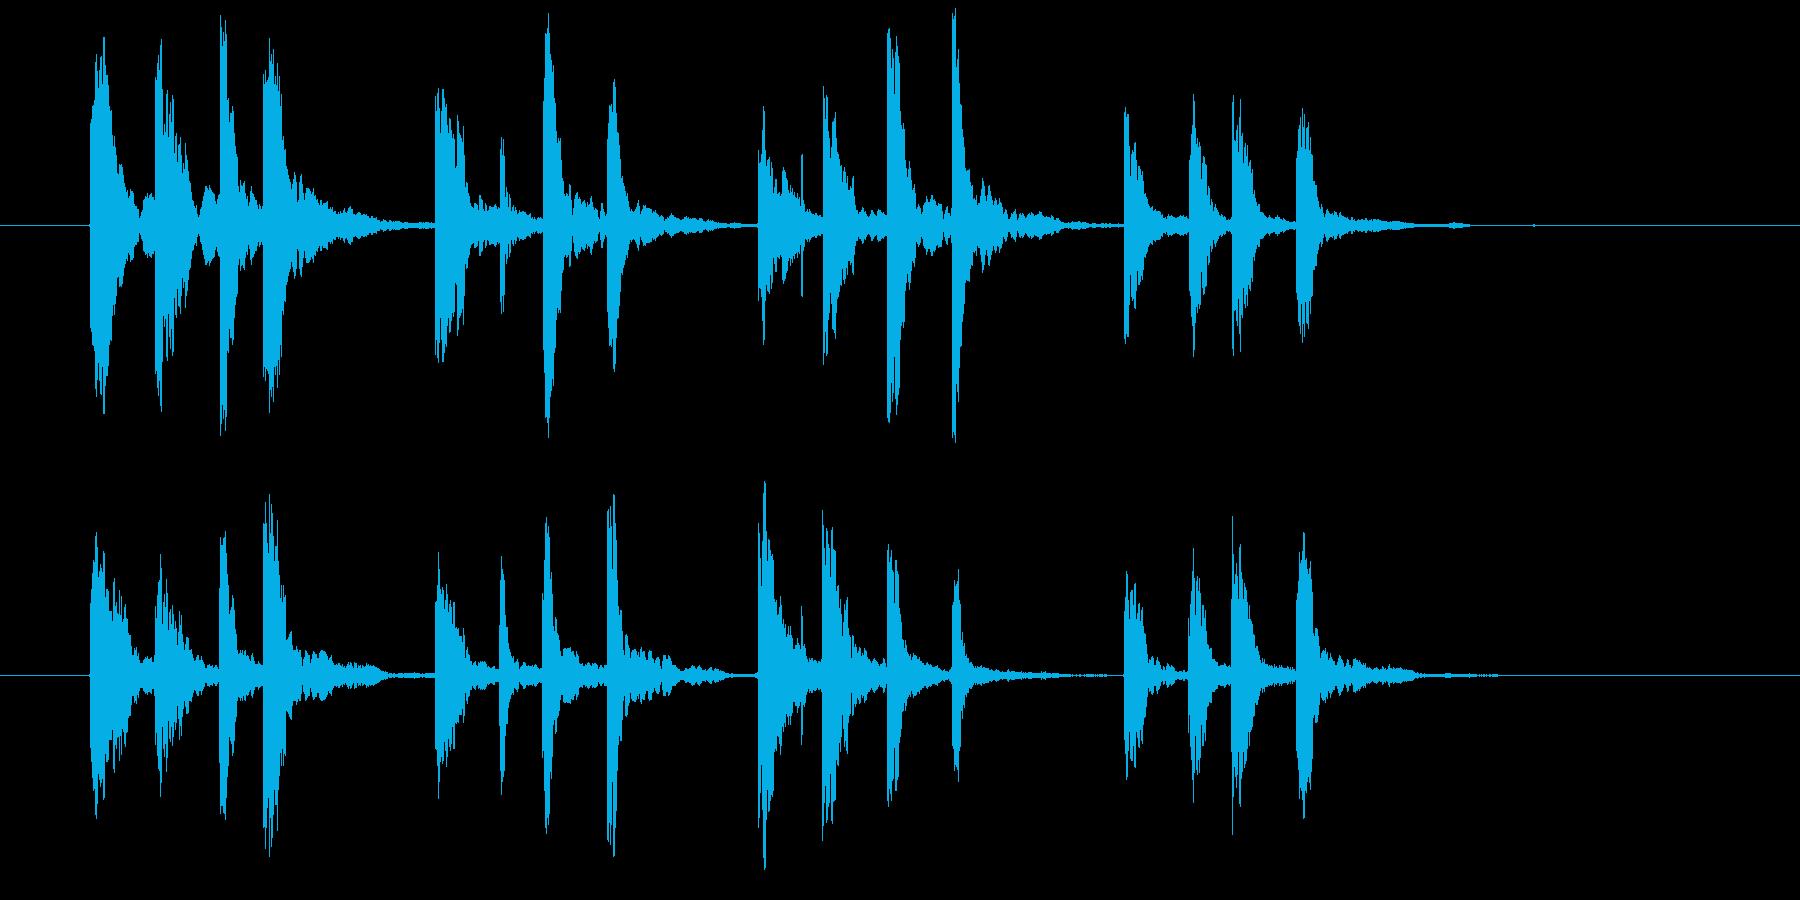 ドリームサウンドの再生済みの波形